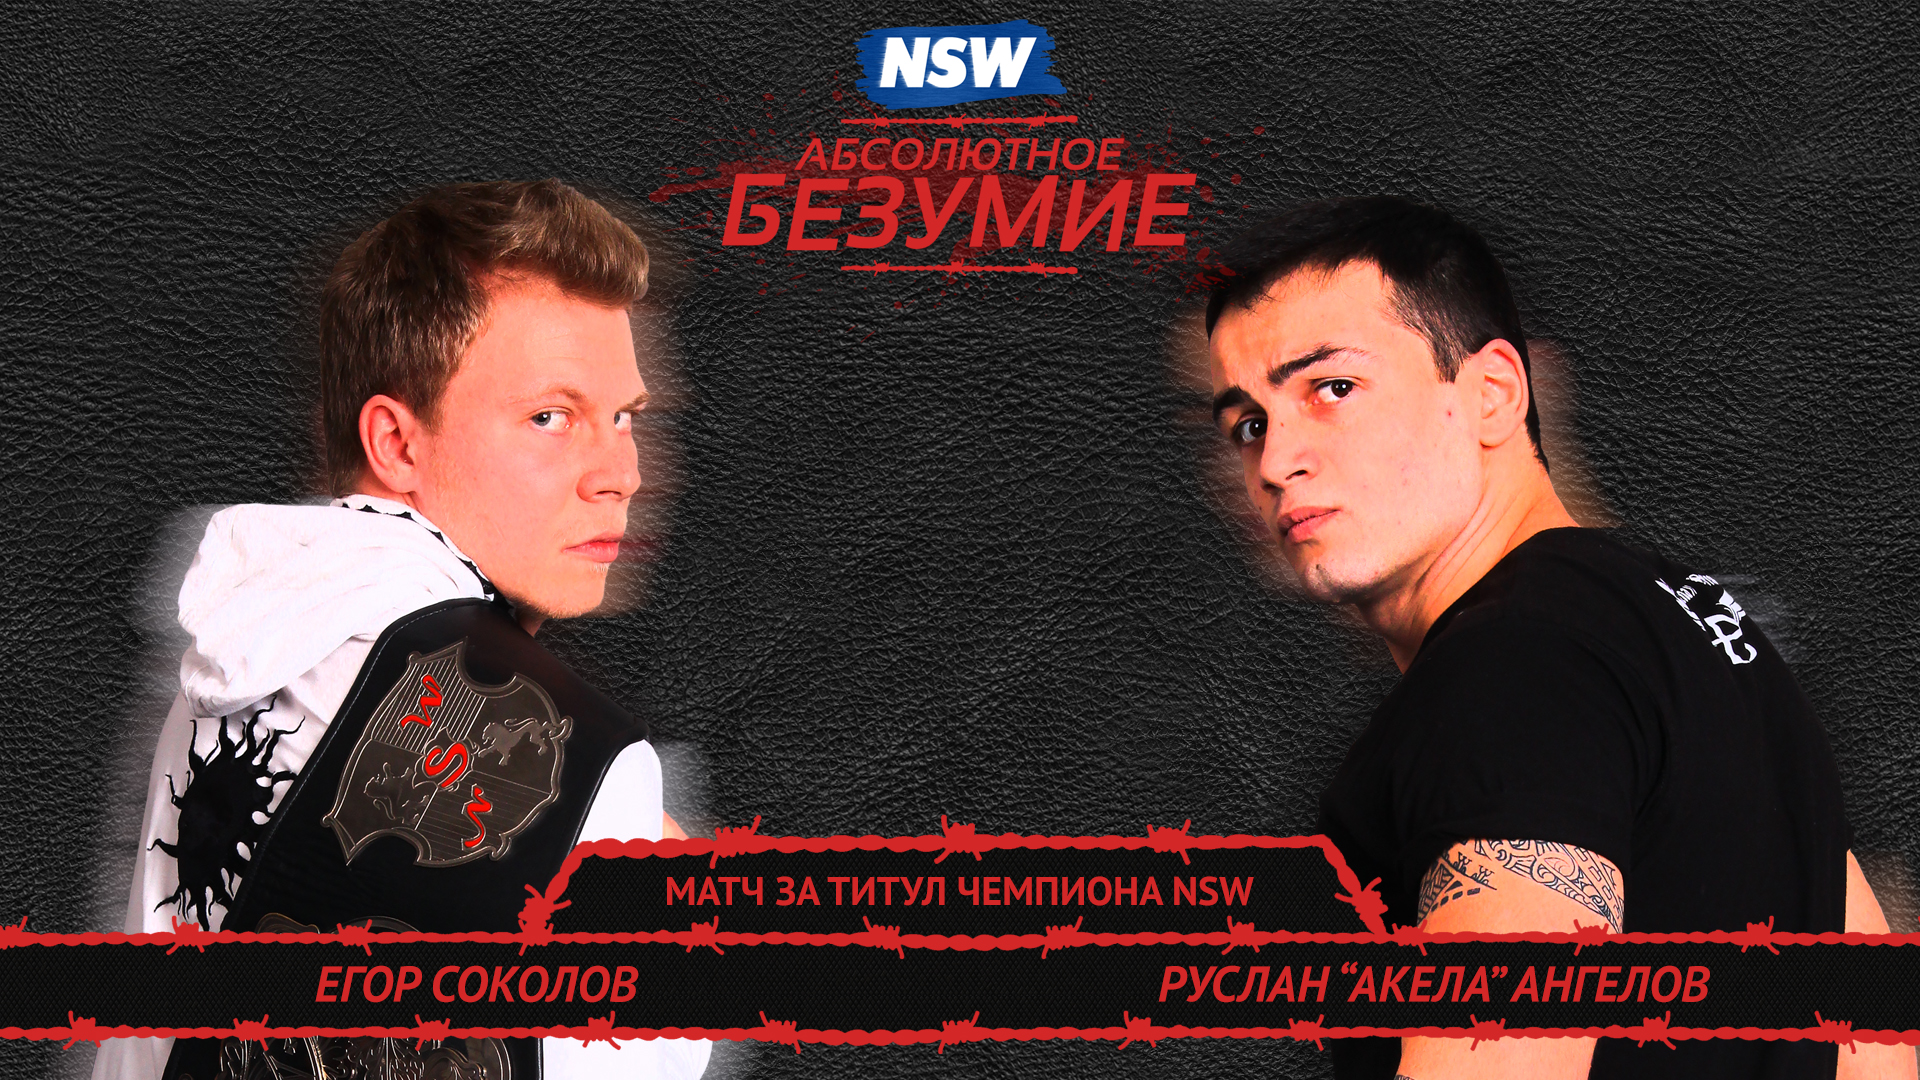 NSW Абсолютное Безумие 2016: Егор Соколов против Руслана 'Акелы' Ангелова